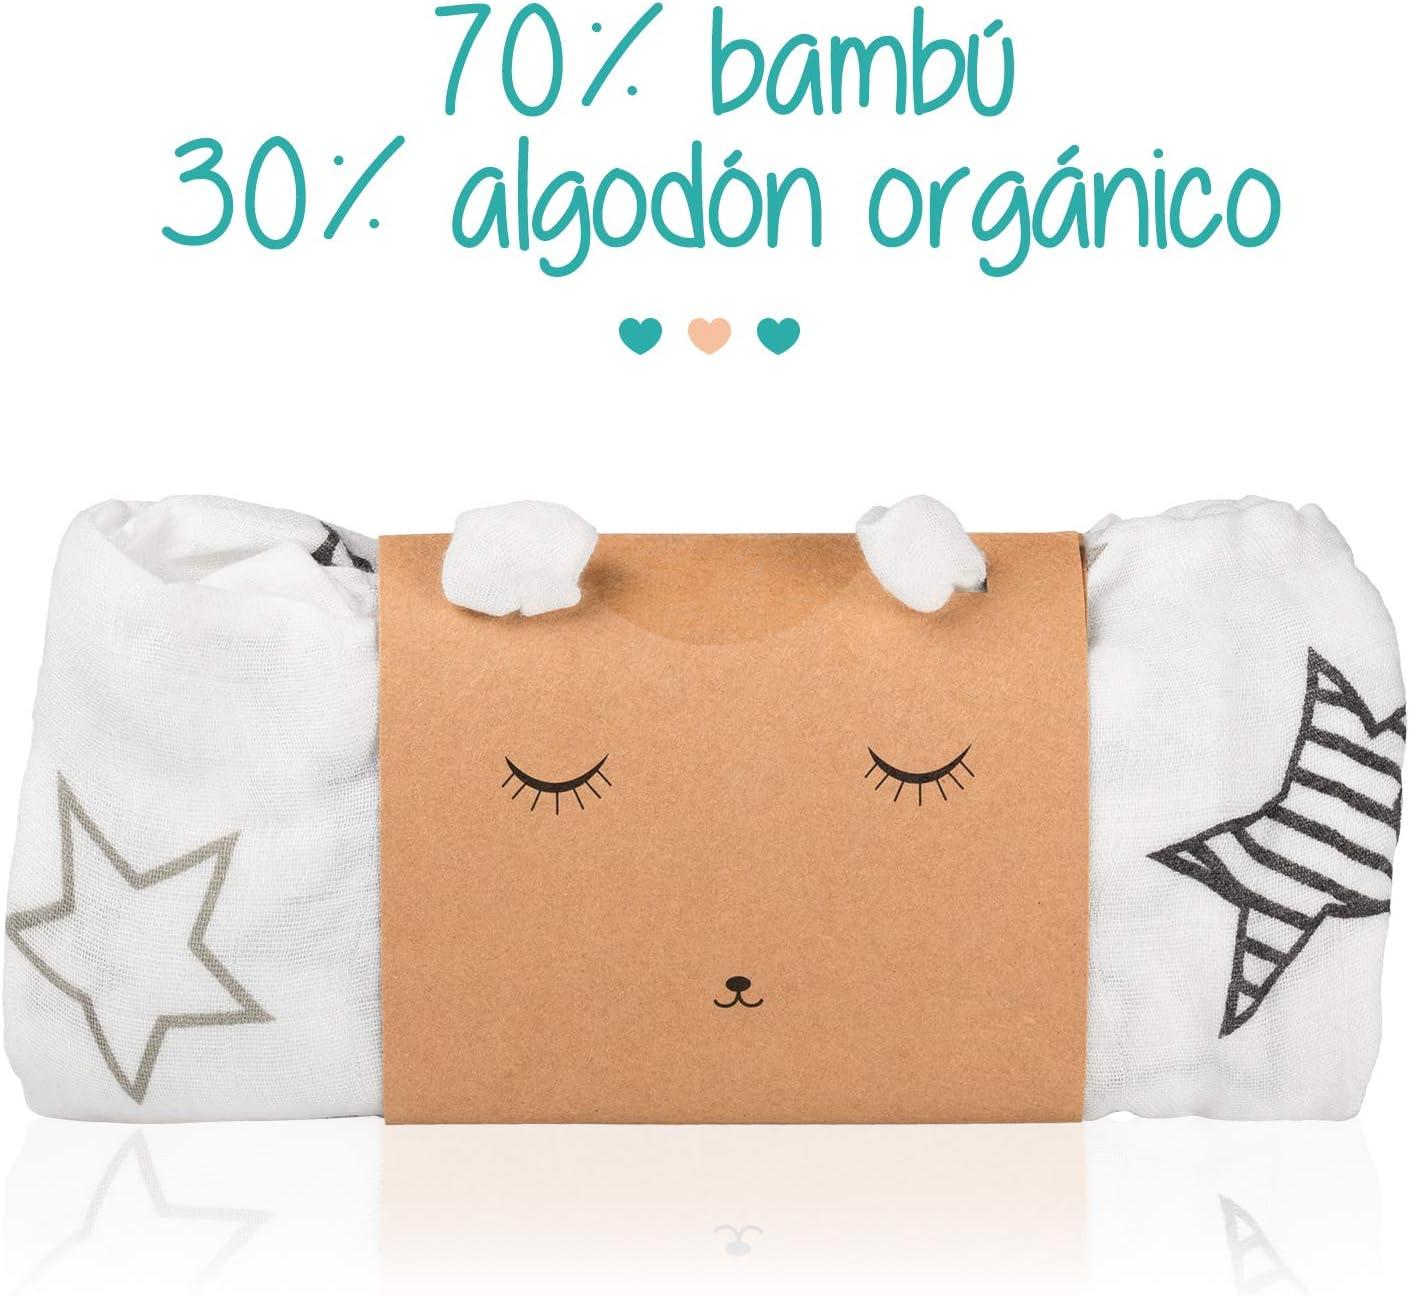 Manta de Muselina en Bambú y Algodón Orgánico para Bebé | Gasa Swaddle Wrap Unisex | Sábana para recién nacido Multiusos | Paño Ultra Suave y Transpirable | Mantita Algodón Extra Grande